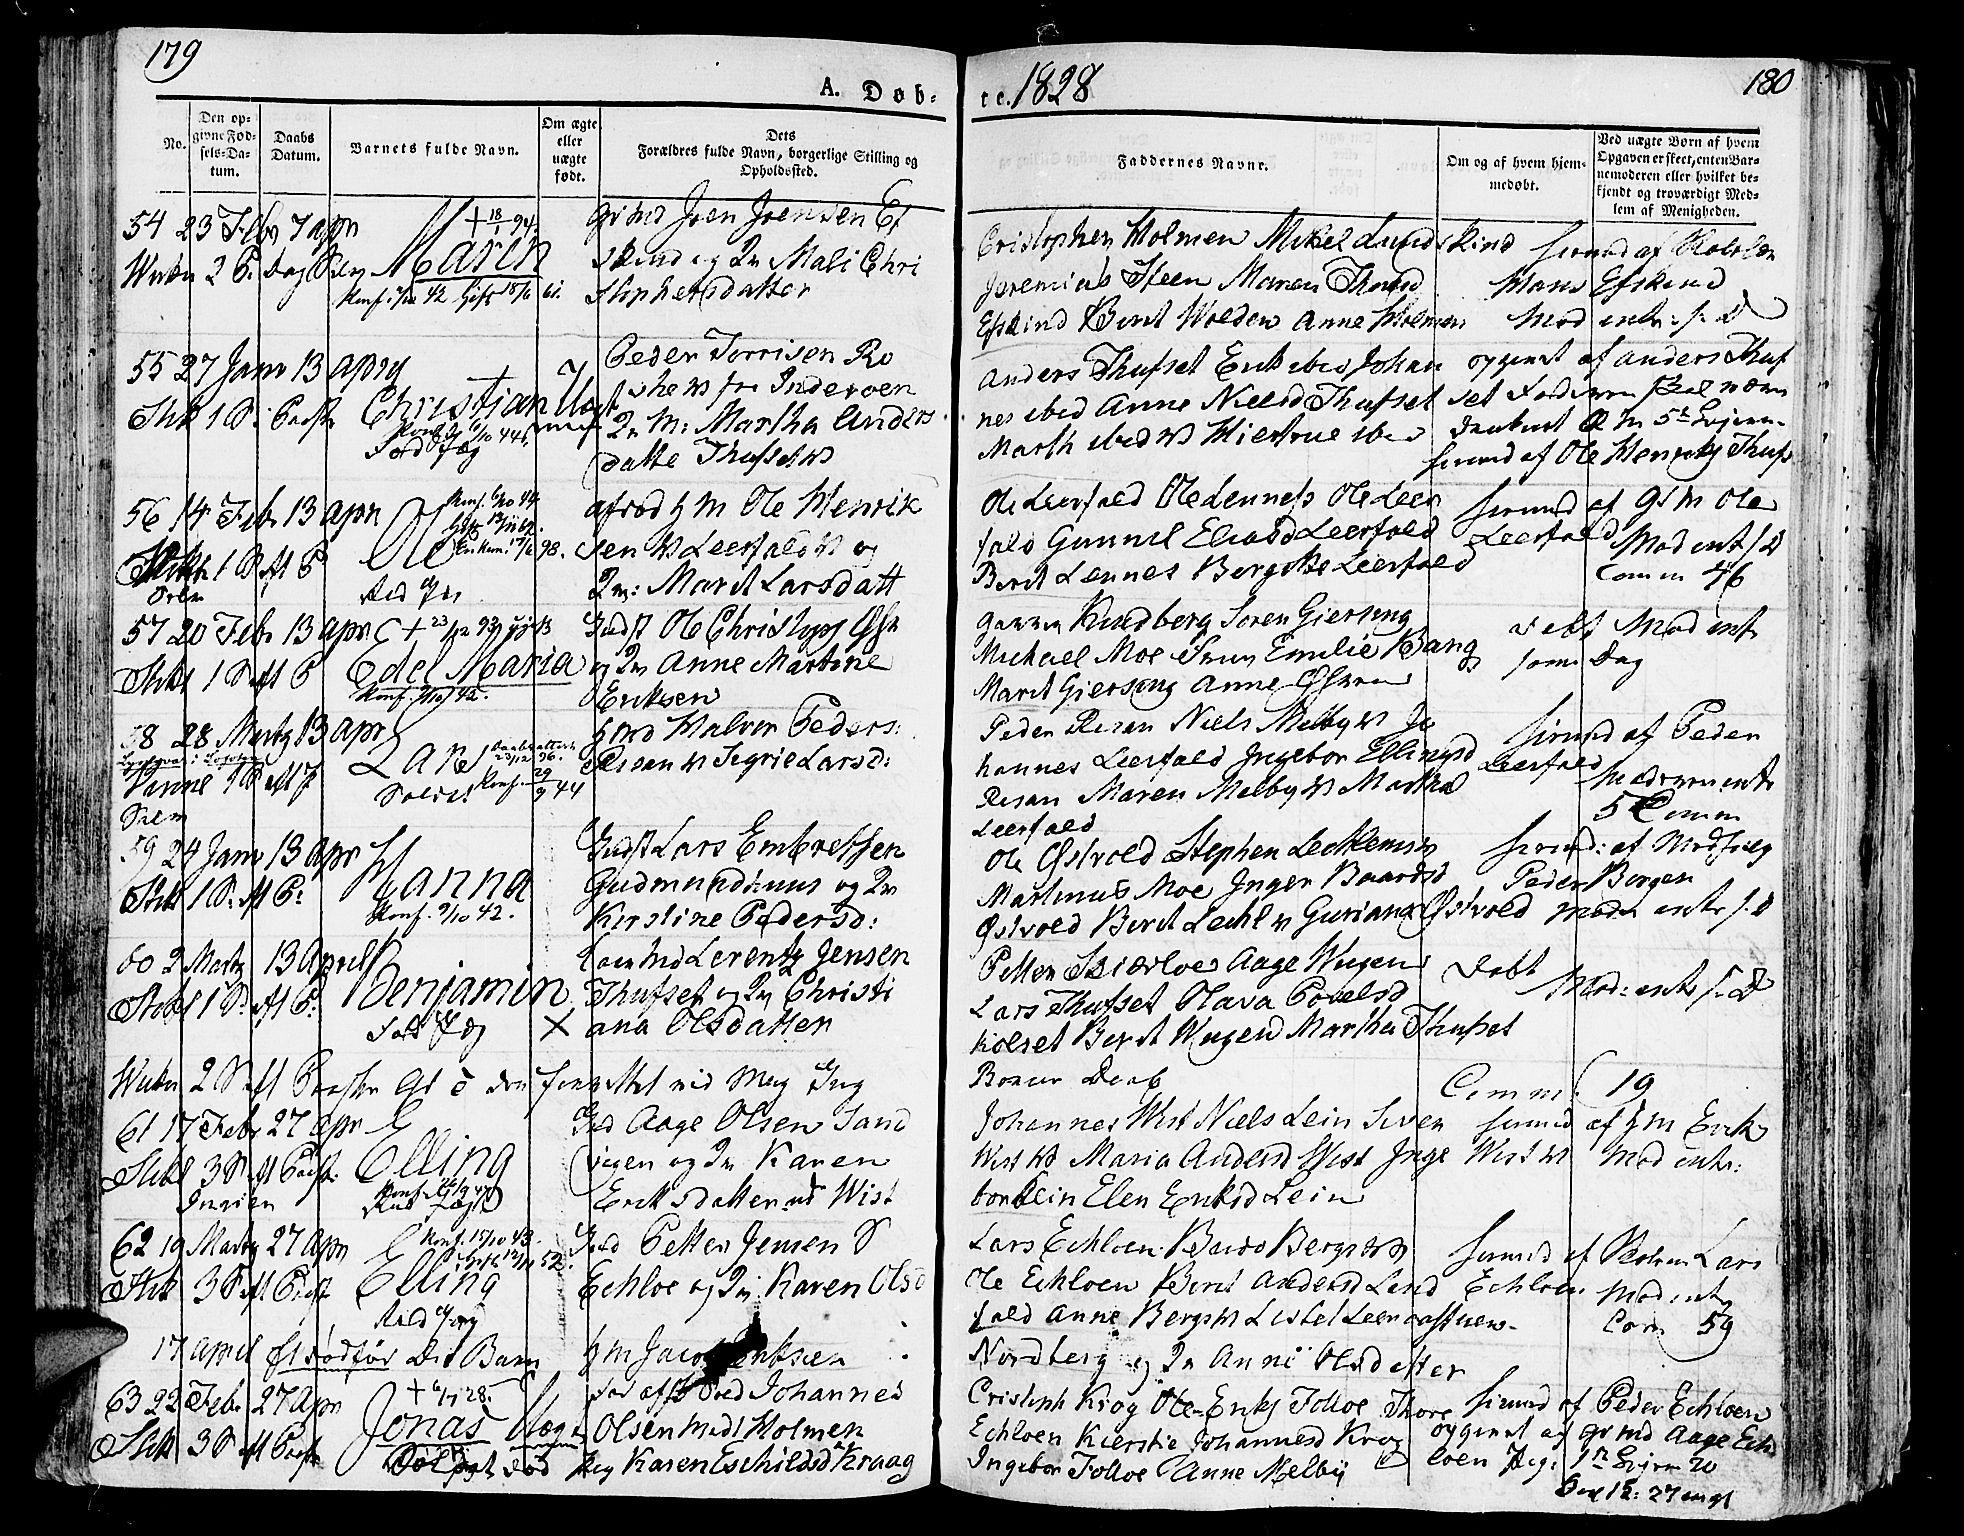 SAT, Ministerialprotokoller, klokkerbøker og fødselsregistre - Nord-Trøndelag, 723/L0237: Ministerialbok nr. 723A06, 1822-1830, s. 179-180